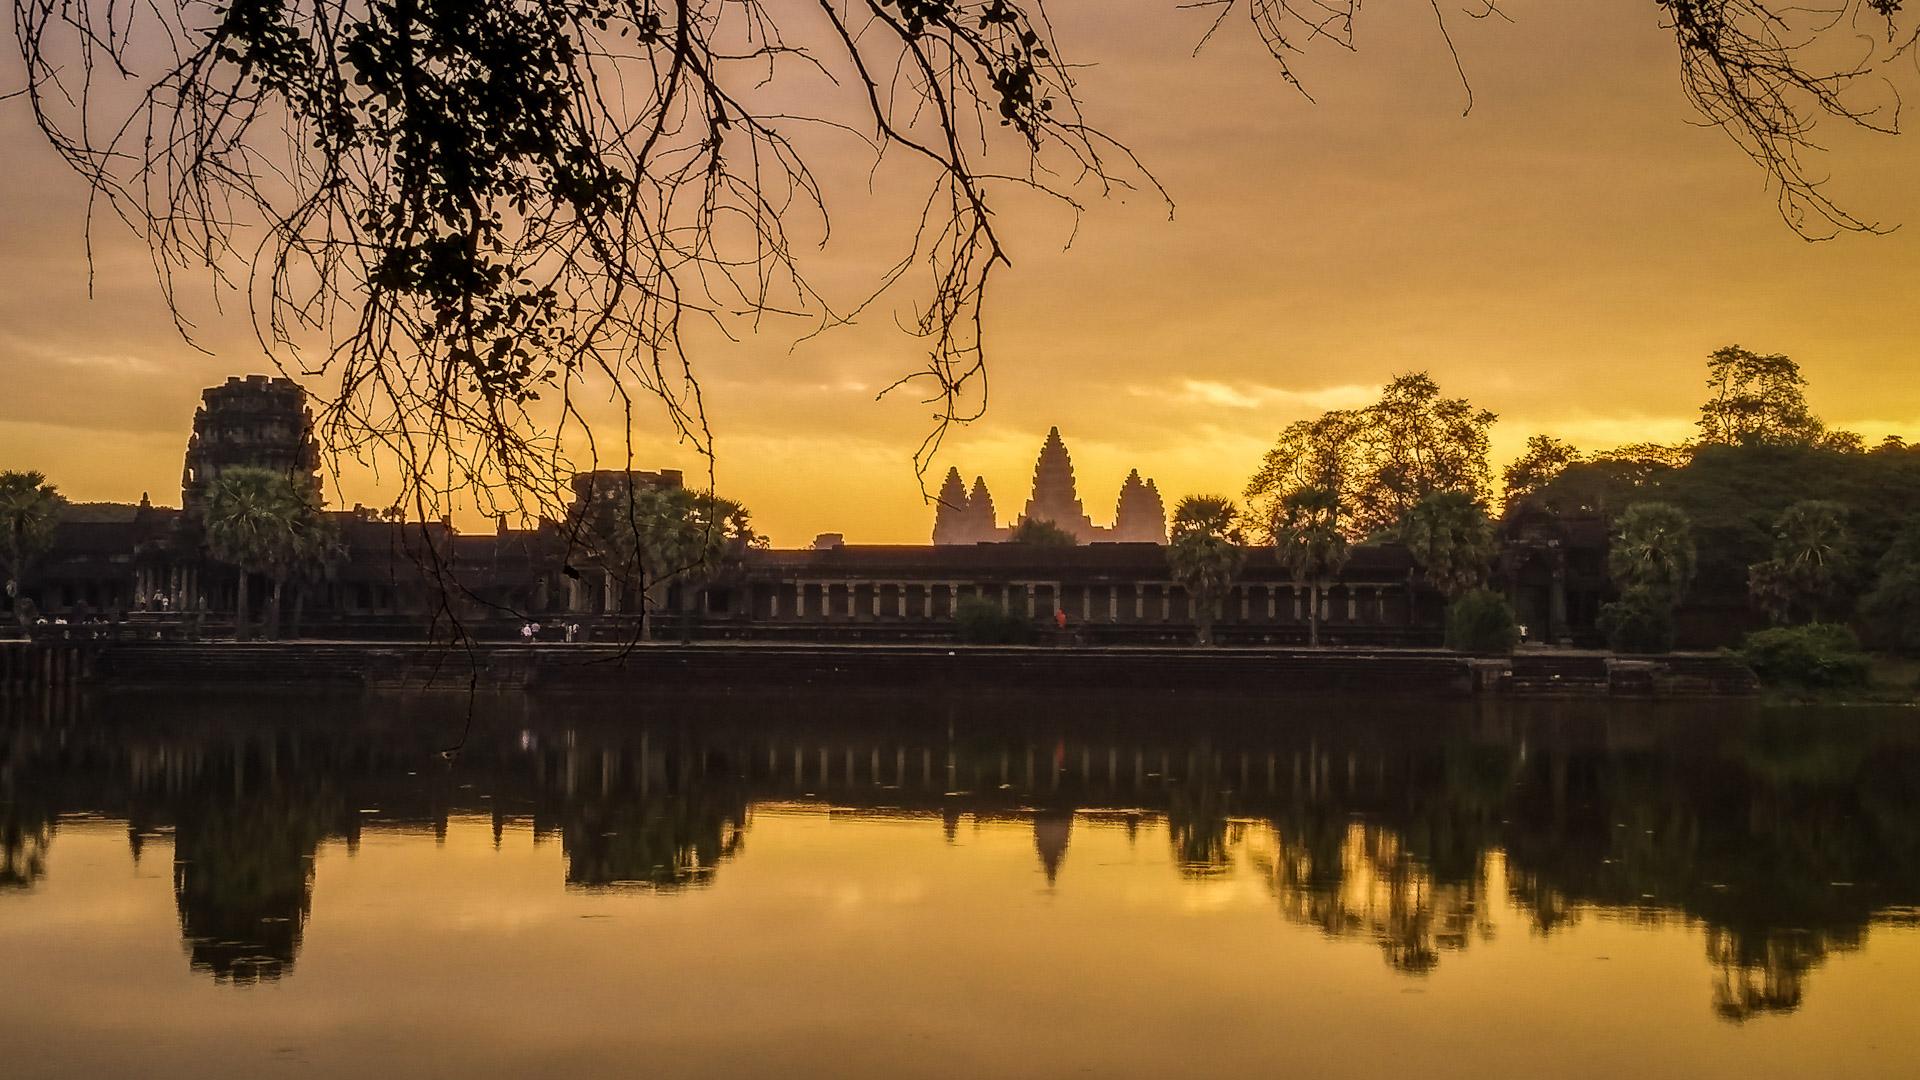 Angkor Wat Pictures Wallpaper  WallpaperSafari